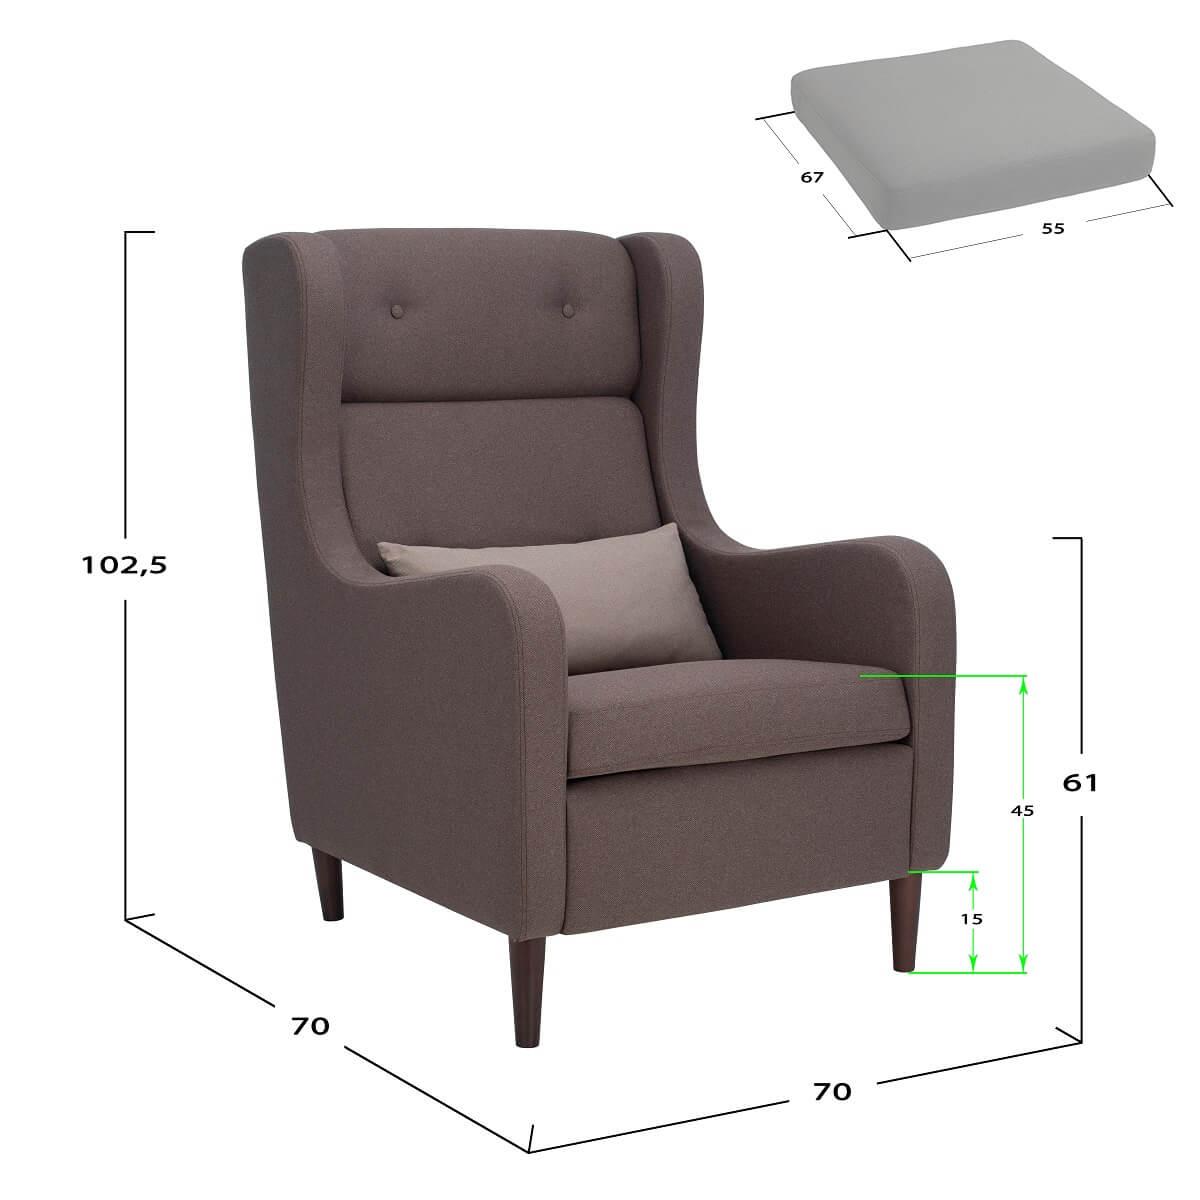 Размеры каминного кресла Leset Galant